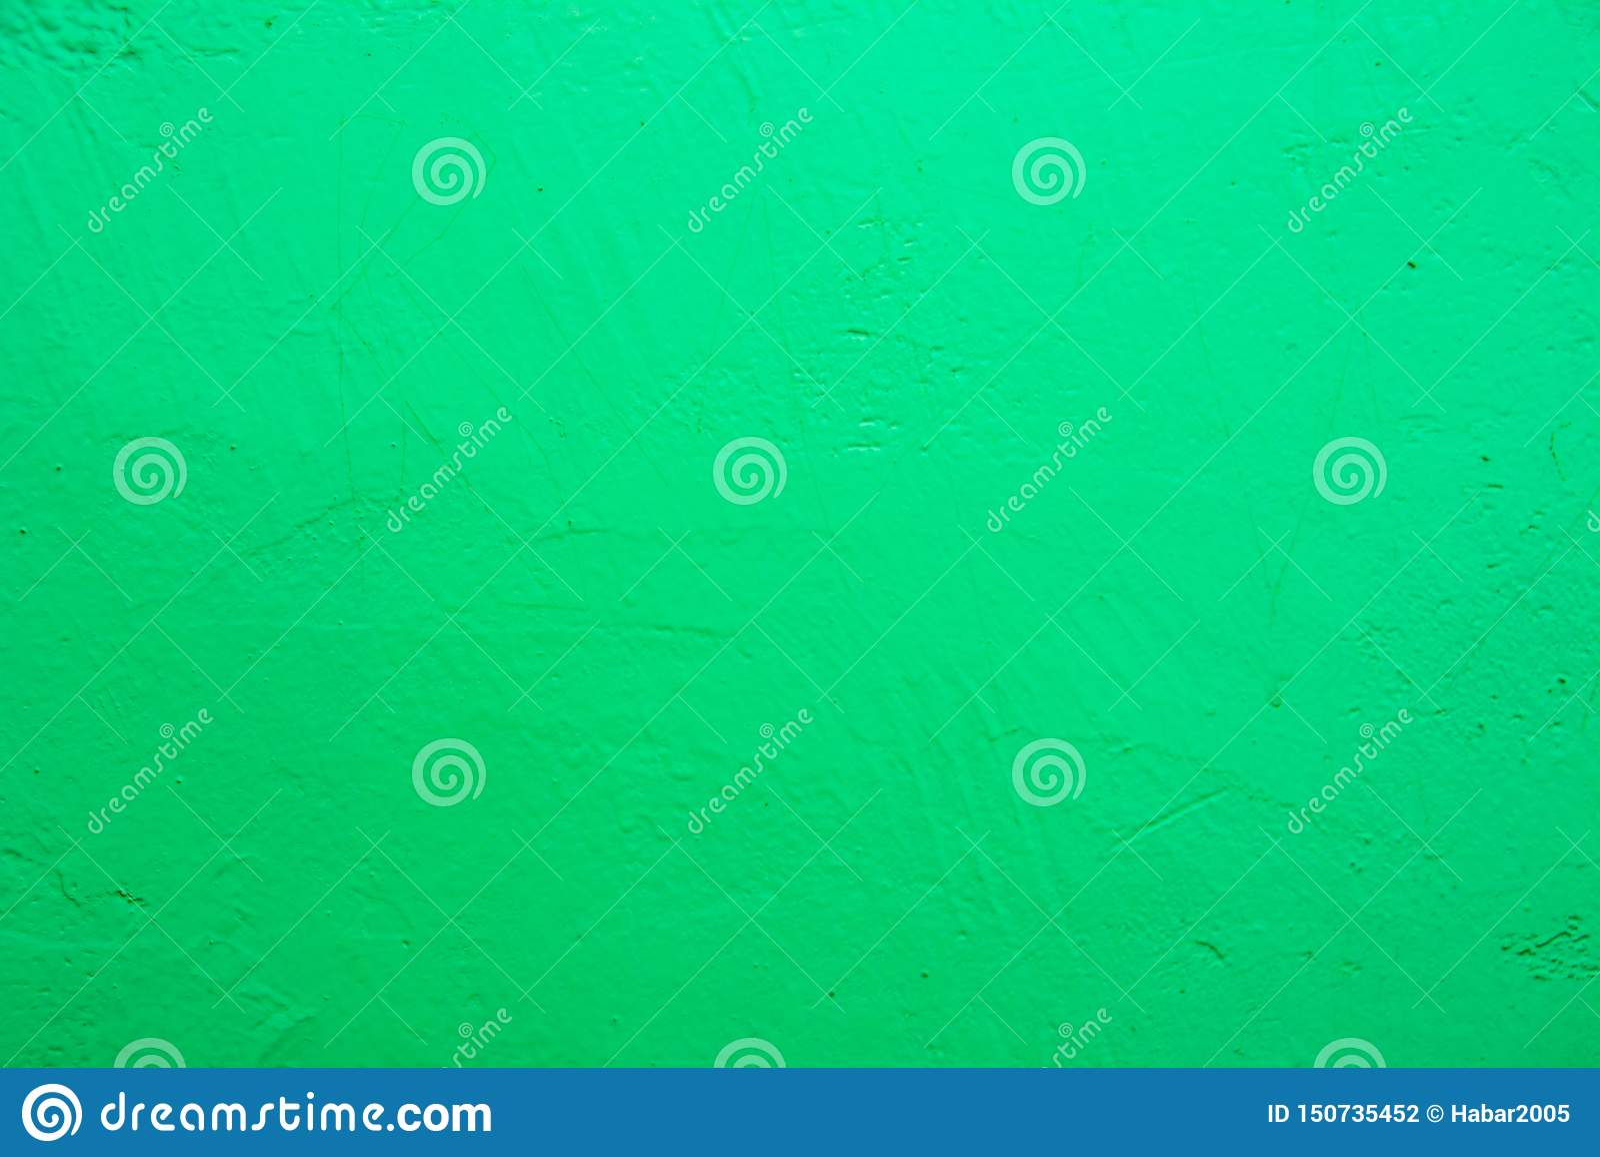 Стена покрашенная в голубой текстуре Безшовная текстура светлой бледной ой-зелен бетонной стены